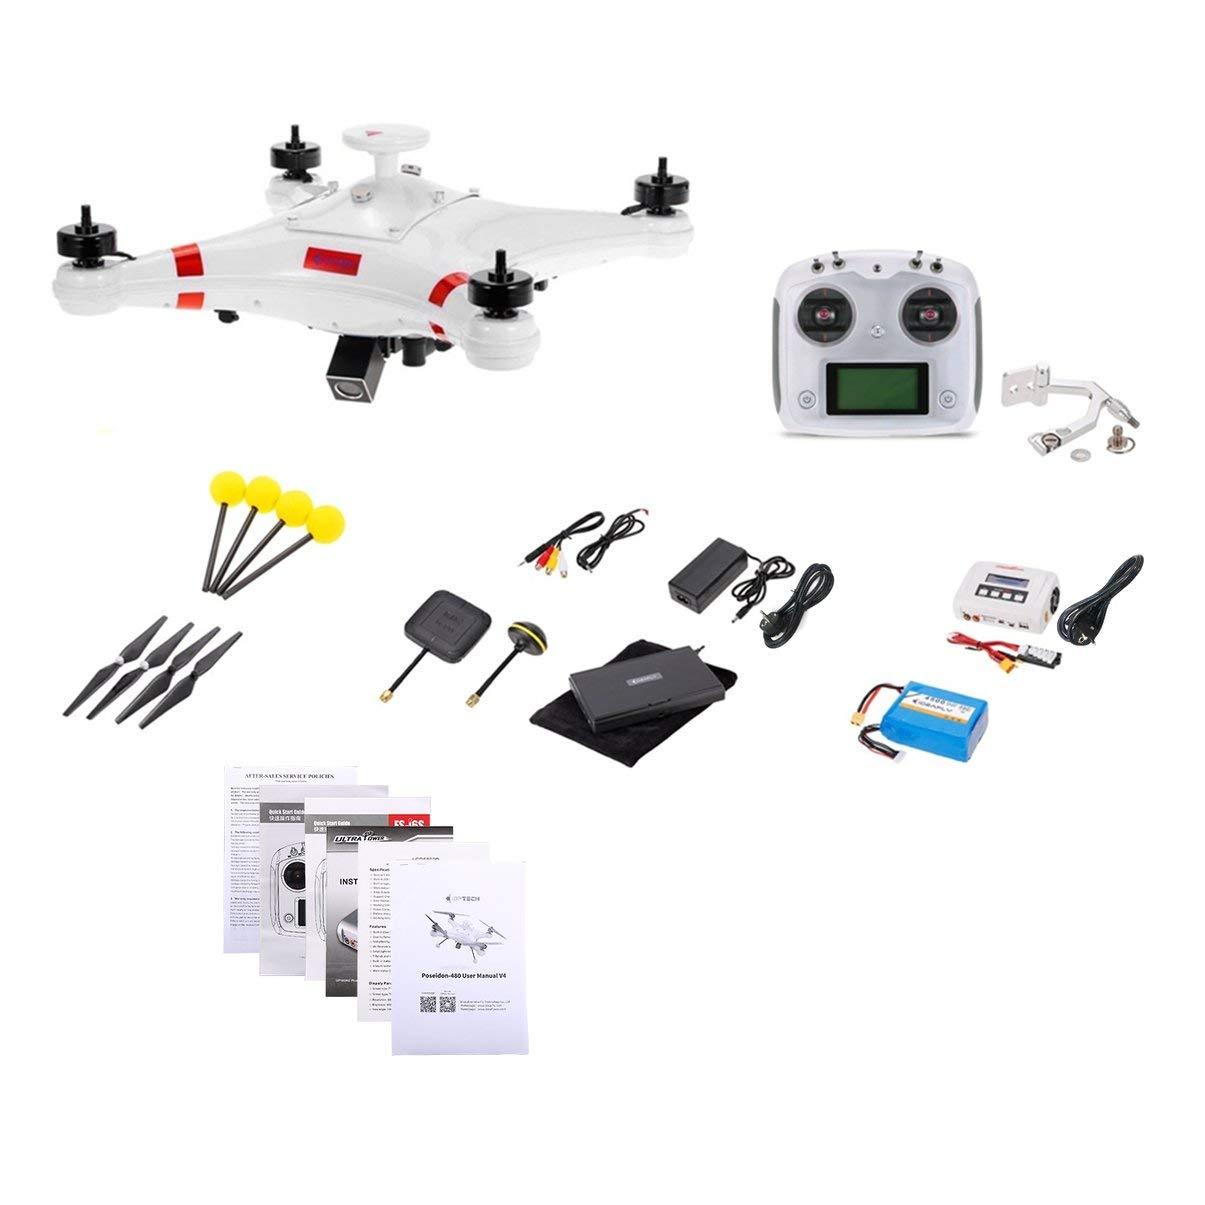 JullyeleDEgant H480 Brushless 5.8G FPV 700TVL Kamera GPS Quadcopter Flugzeug UAV mit OSD Wasserdicht Professionelle Fischerei RC Drohne